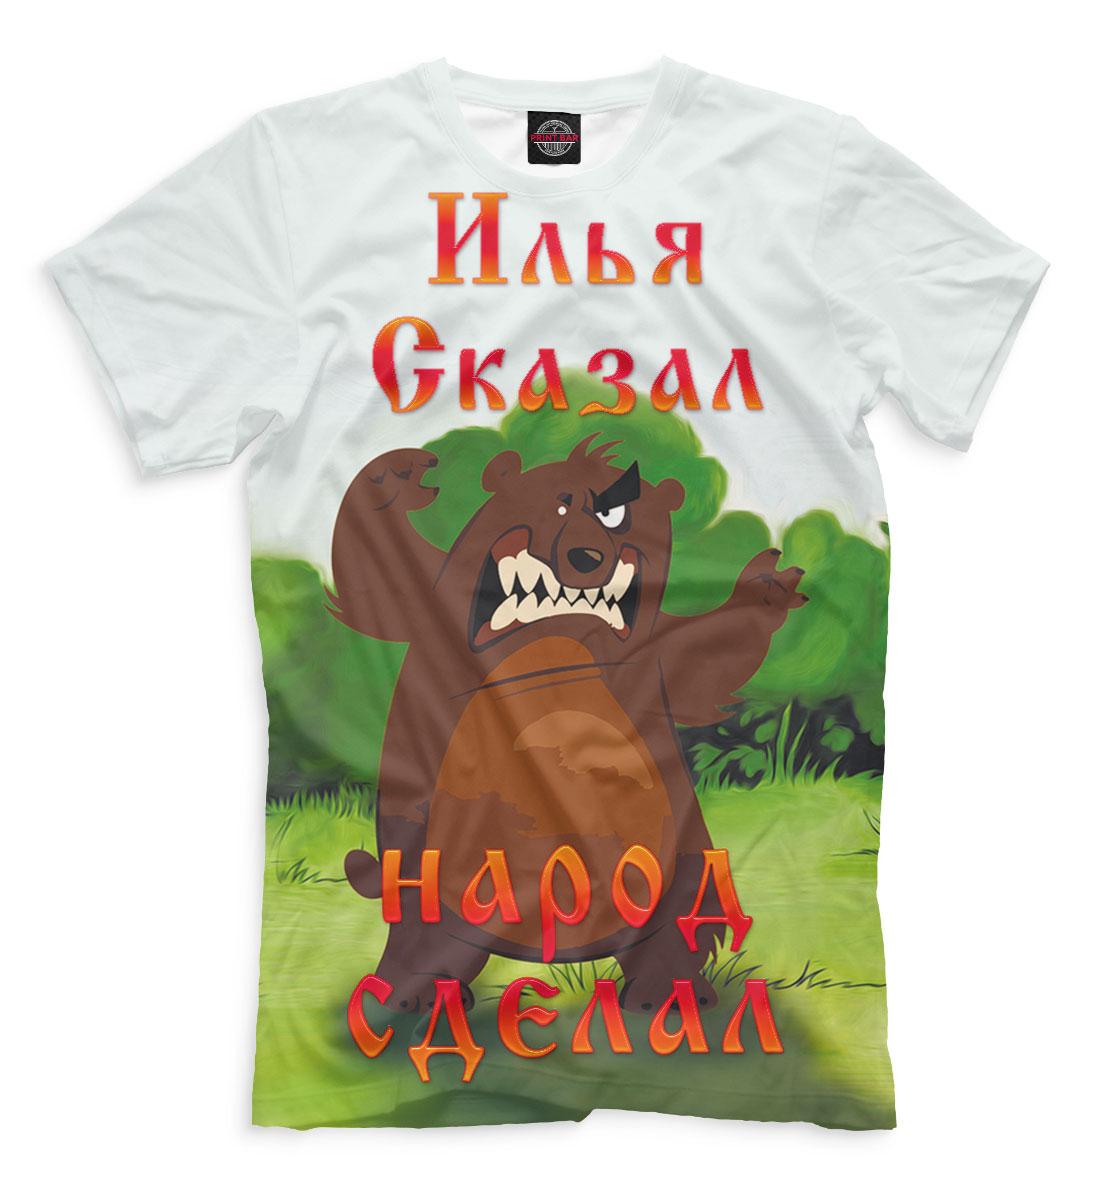 Купить Илья сказал — народ сделал, Printbar, Футболки, ILY-497623-fut-2